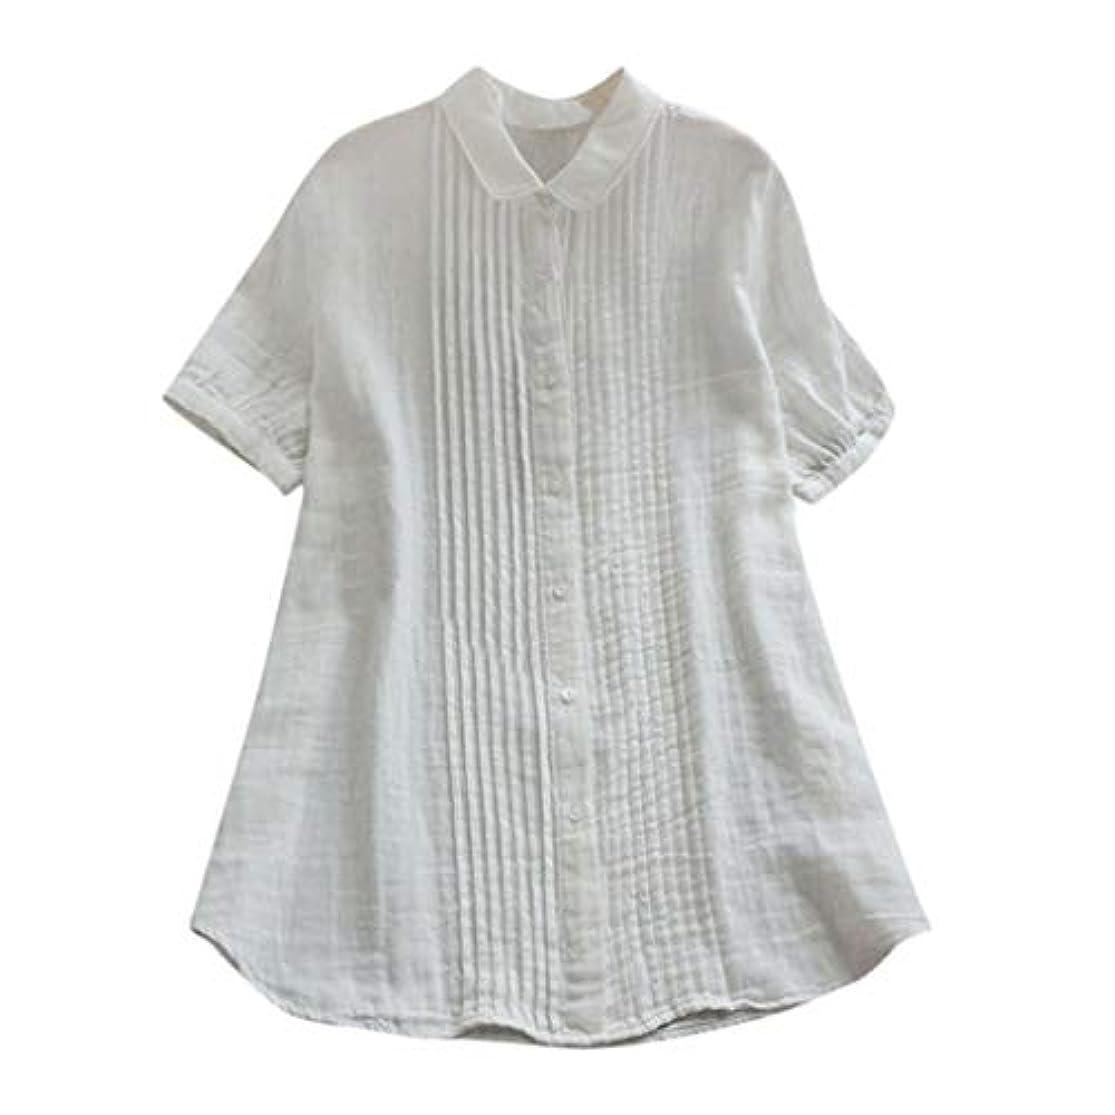 破裂不良品想像力女性の半袖Tシャツ - ピーターパンカラー夏緩い無地カジュアルダウントップスブラウス (白, S)